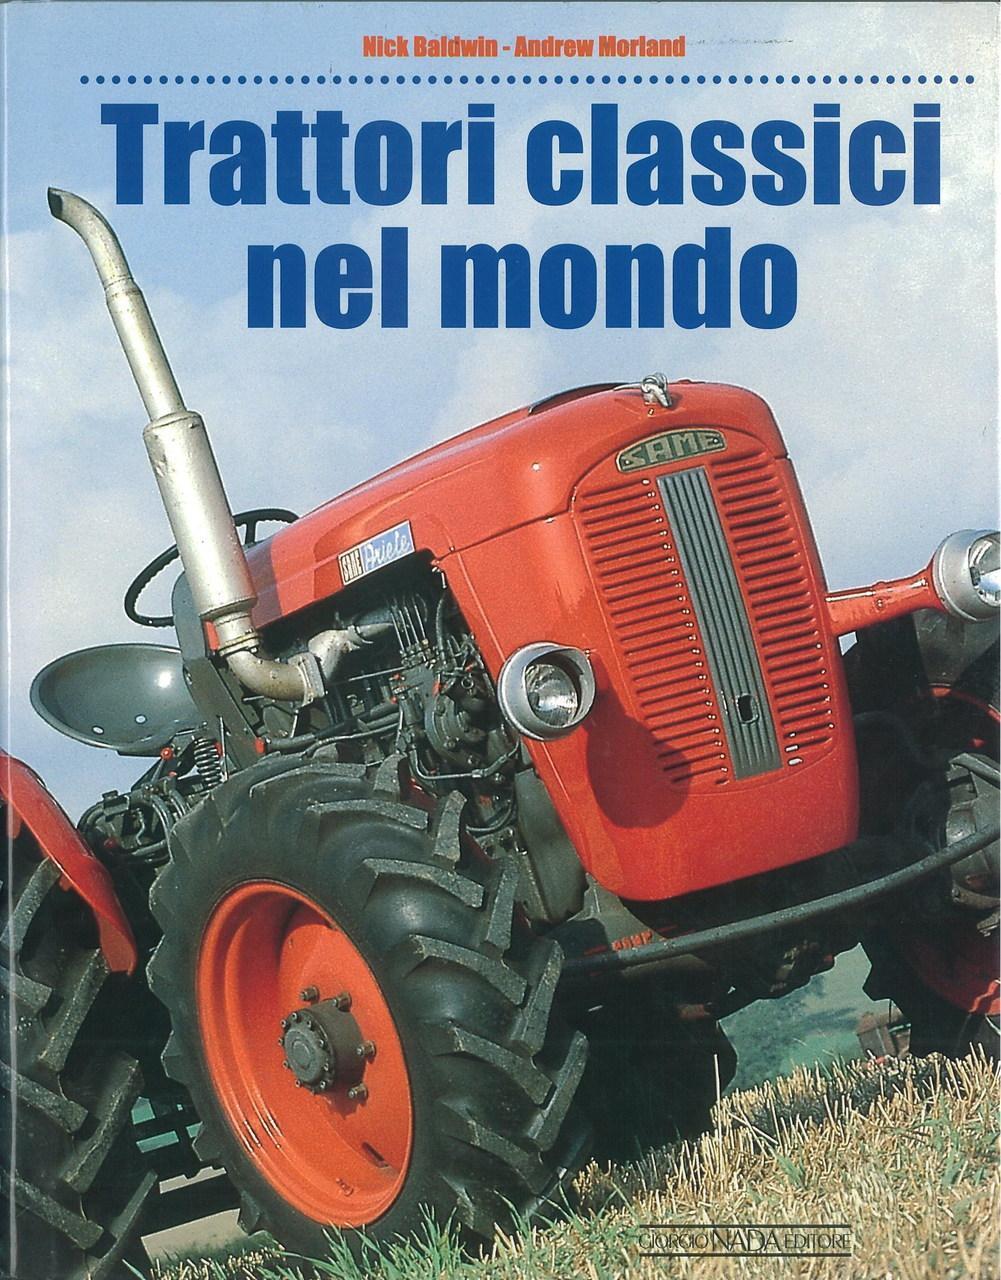 BALDWING Nick, MORLAND Andrew, TRATTORI CLASSICI NEL MONDO, S.l., Giorgio Nada editore, 1998